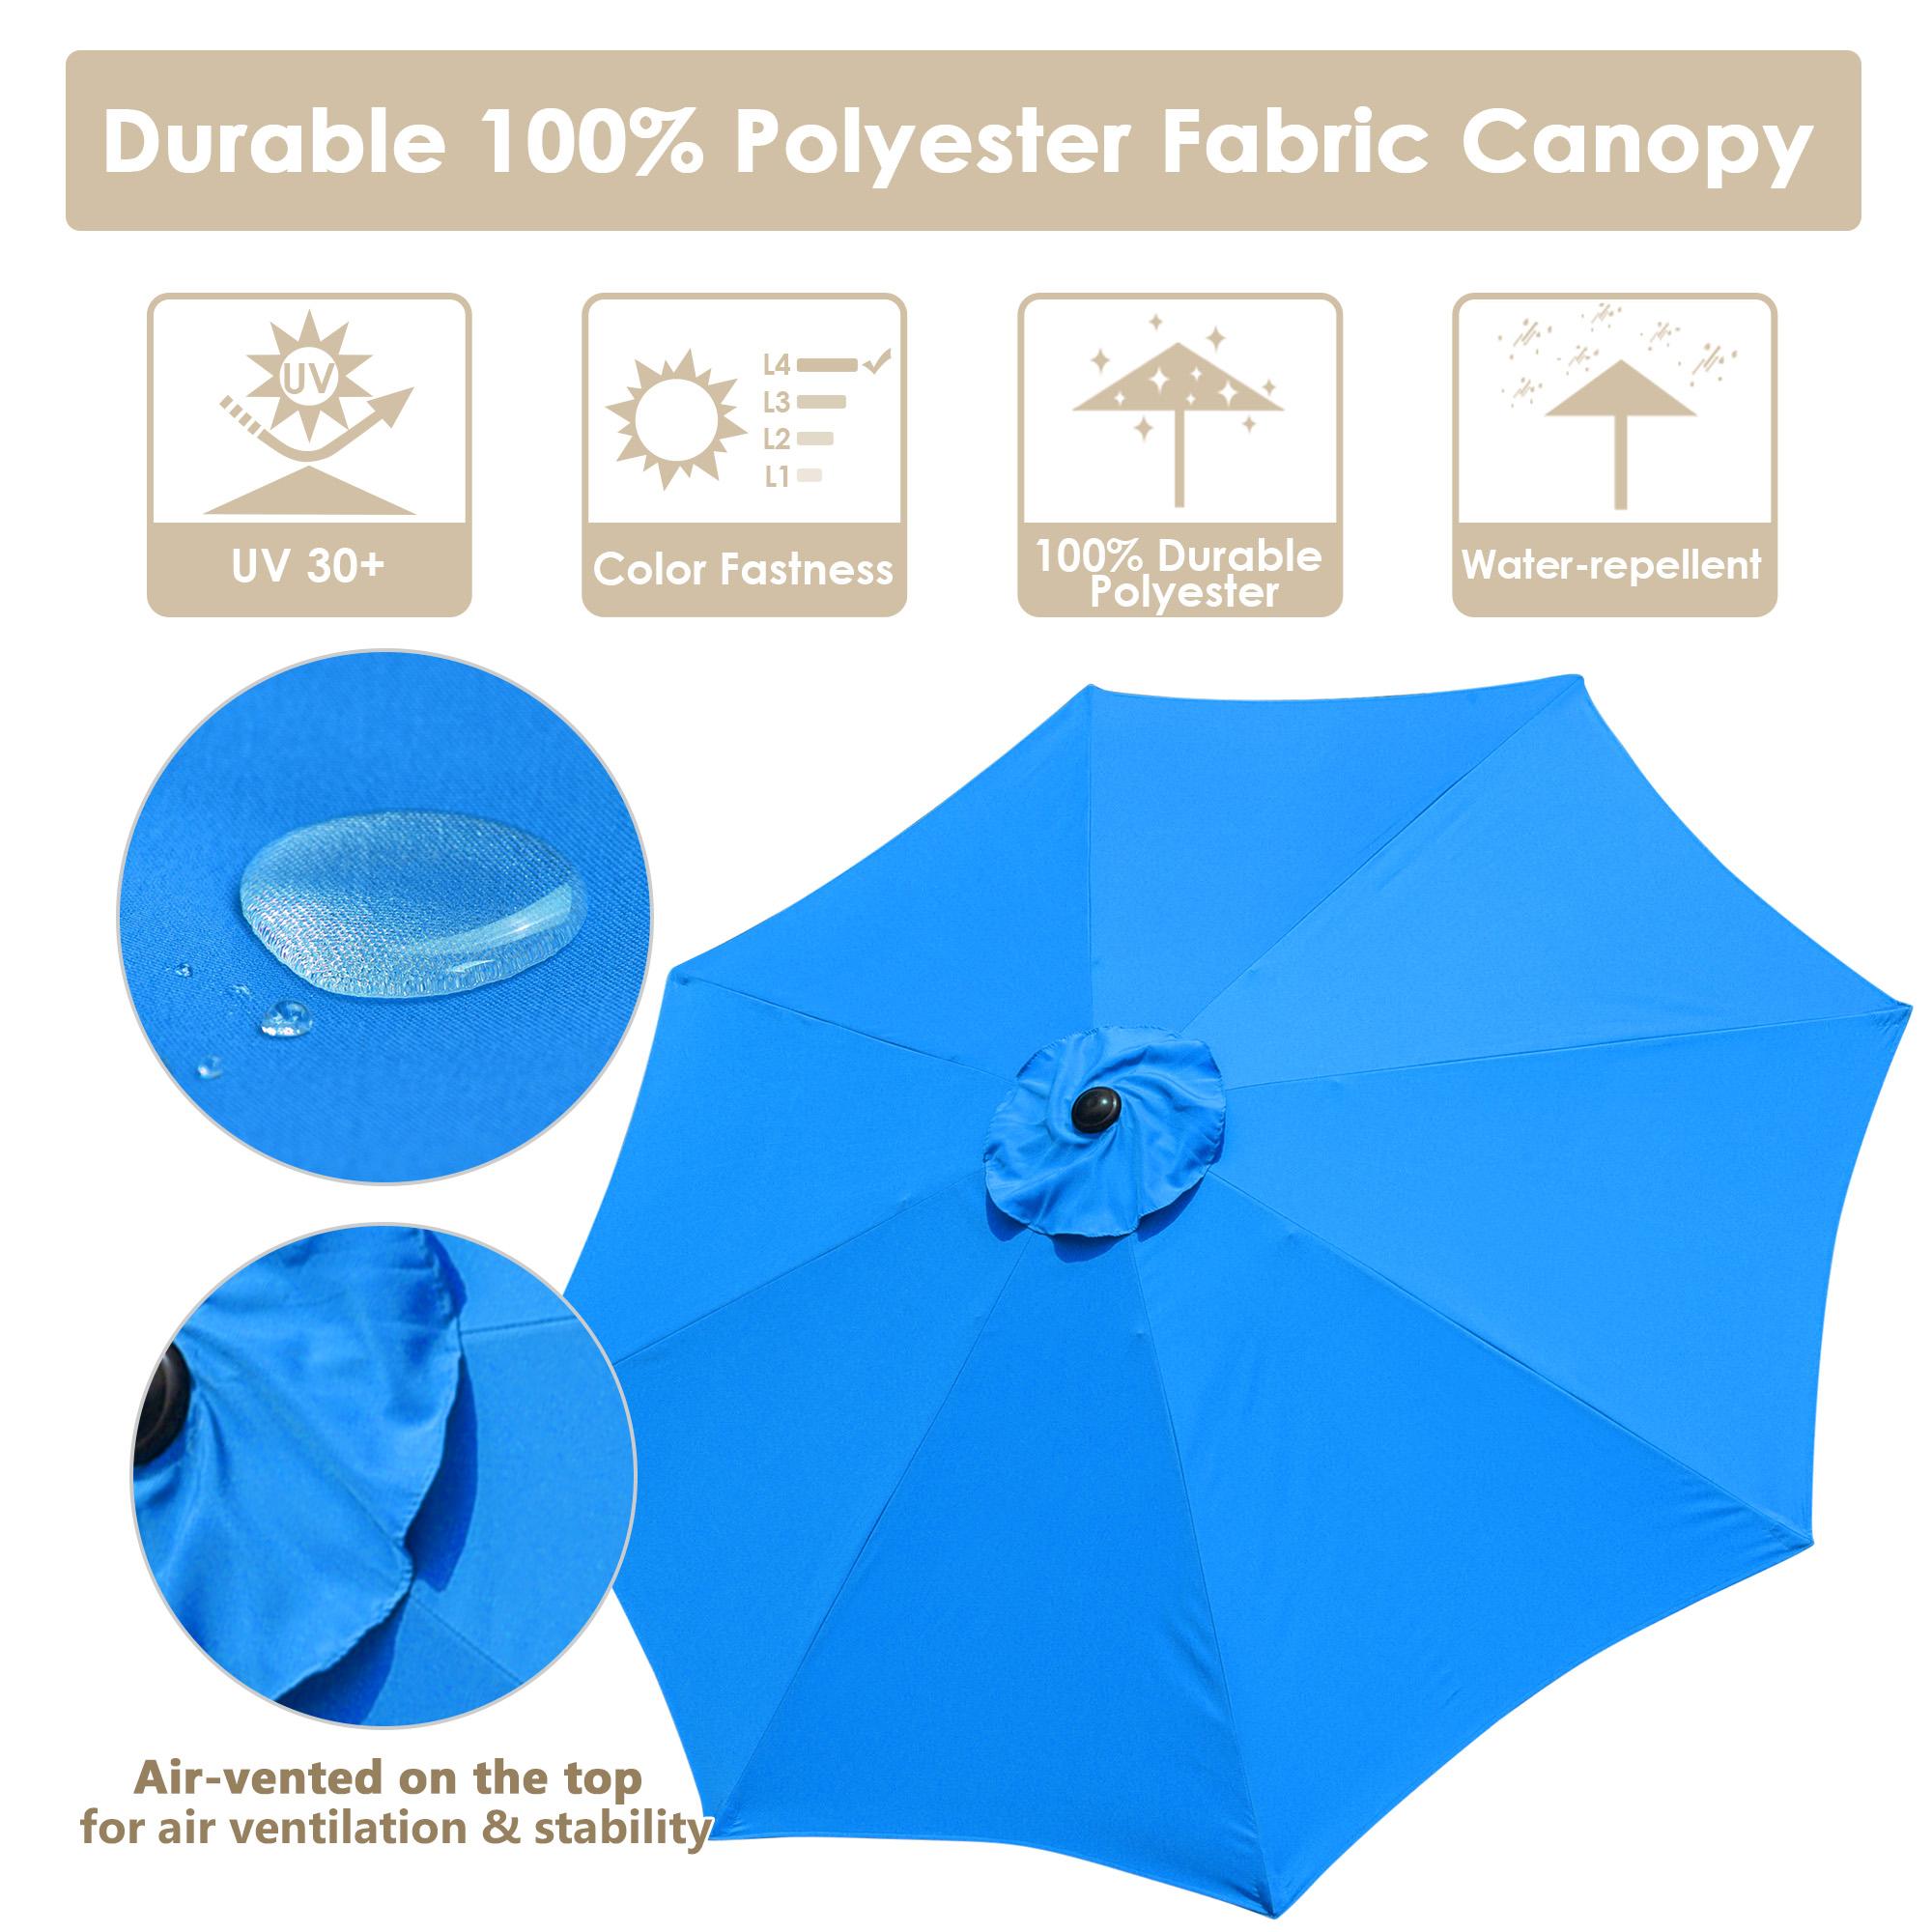 thumbnail 50 - 9' Outdoor Umbrella Patio 8 Ribs Market Garden Crank Tilt Beach Sunshade Parasol